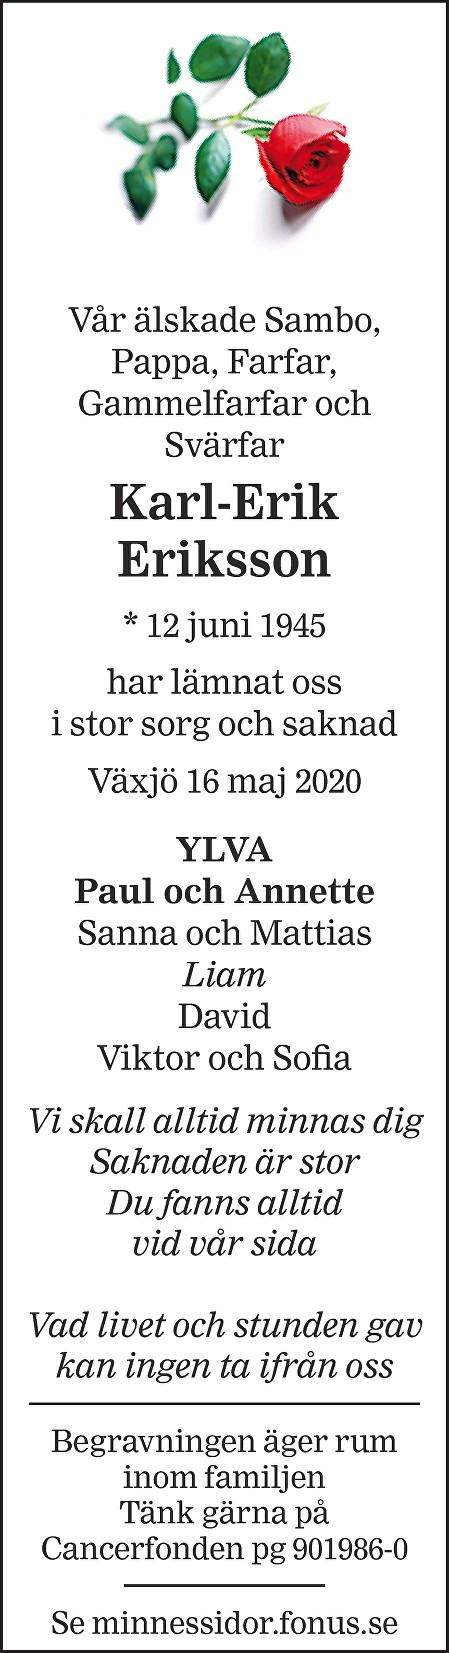 Karl-Erik Eriksson Death notice